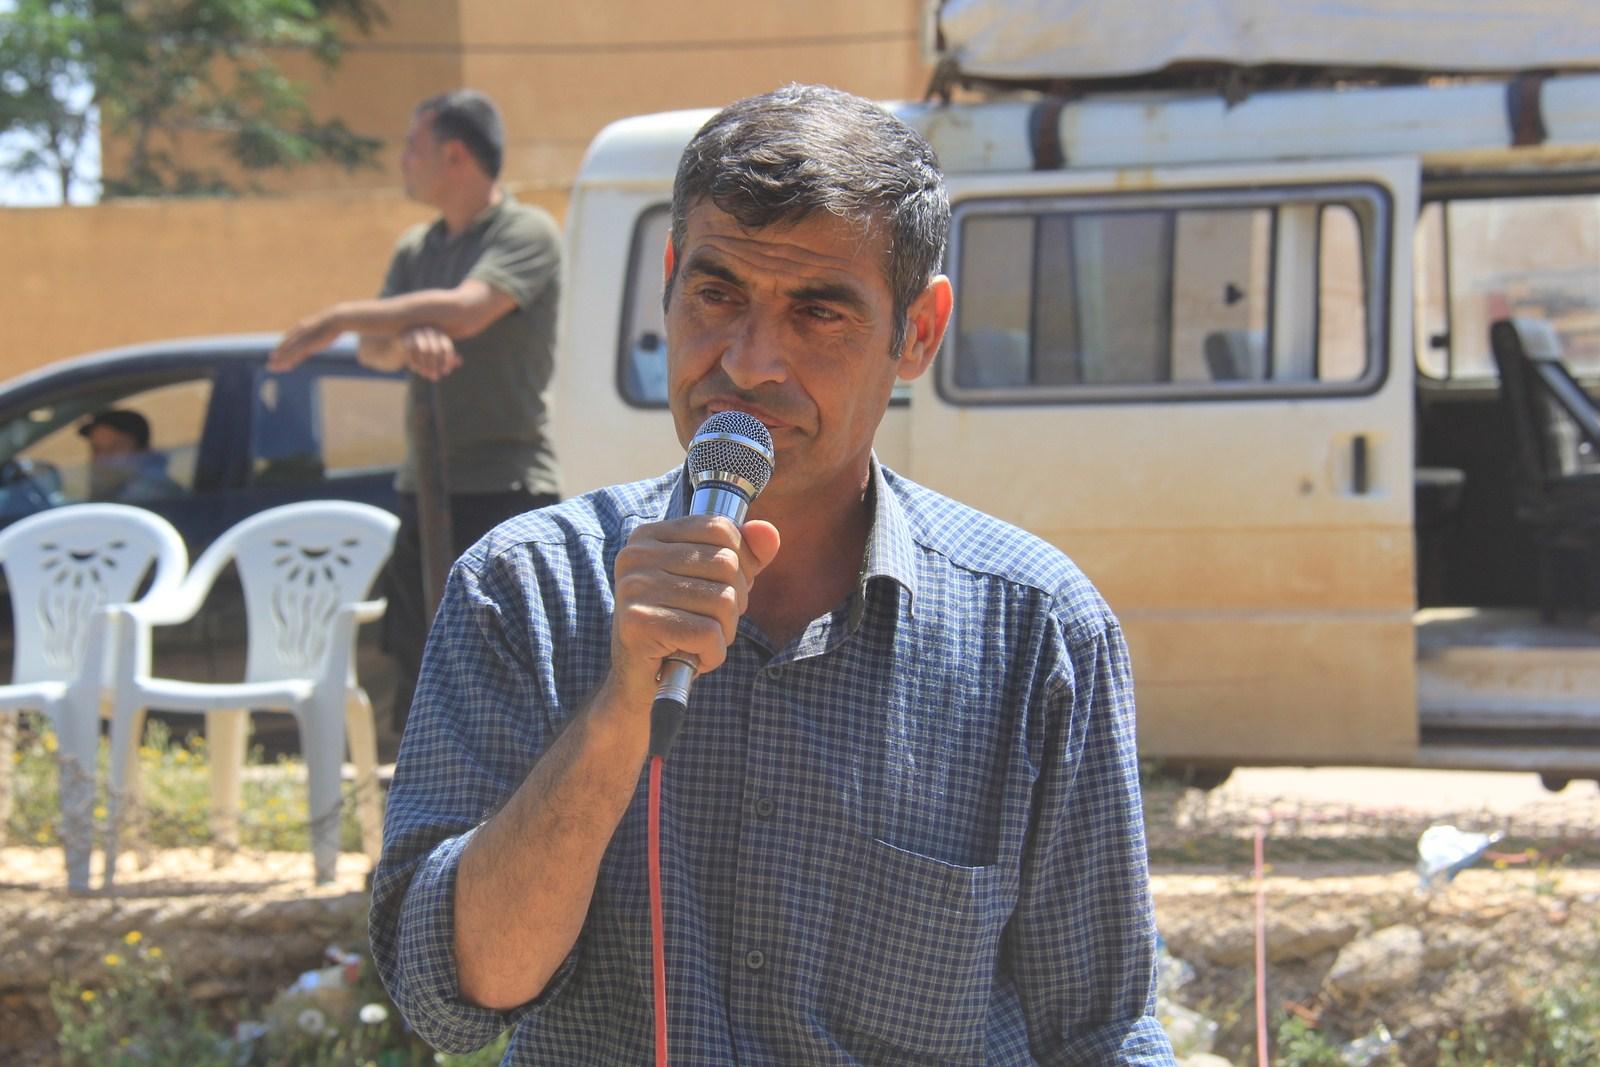 'Em ê dest ji Efrînê bernedin'